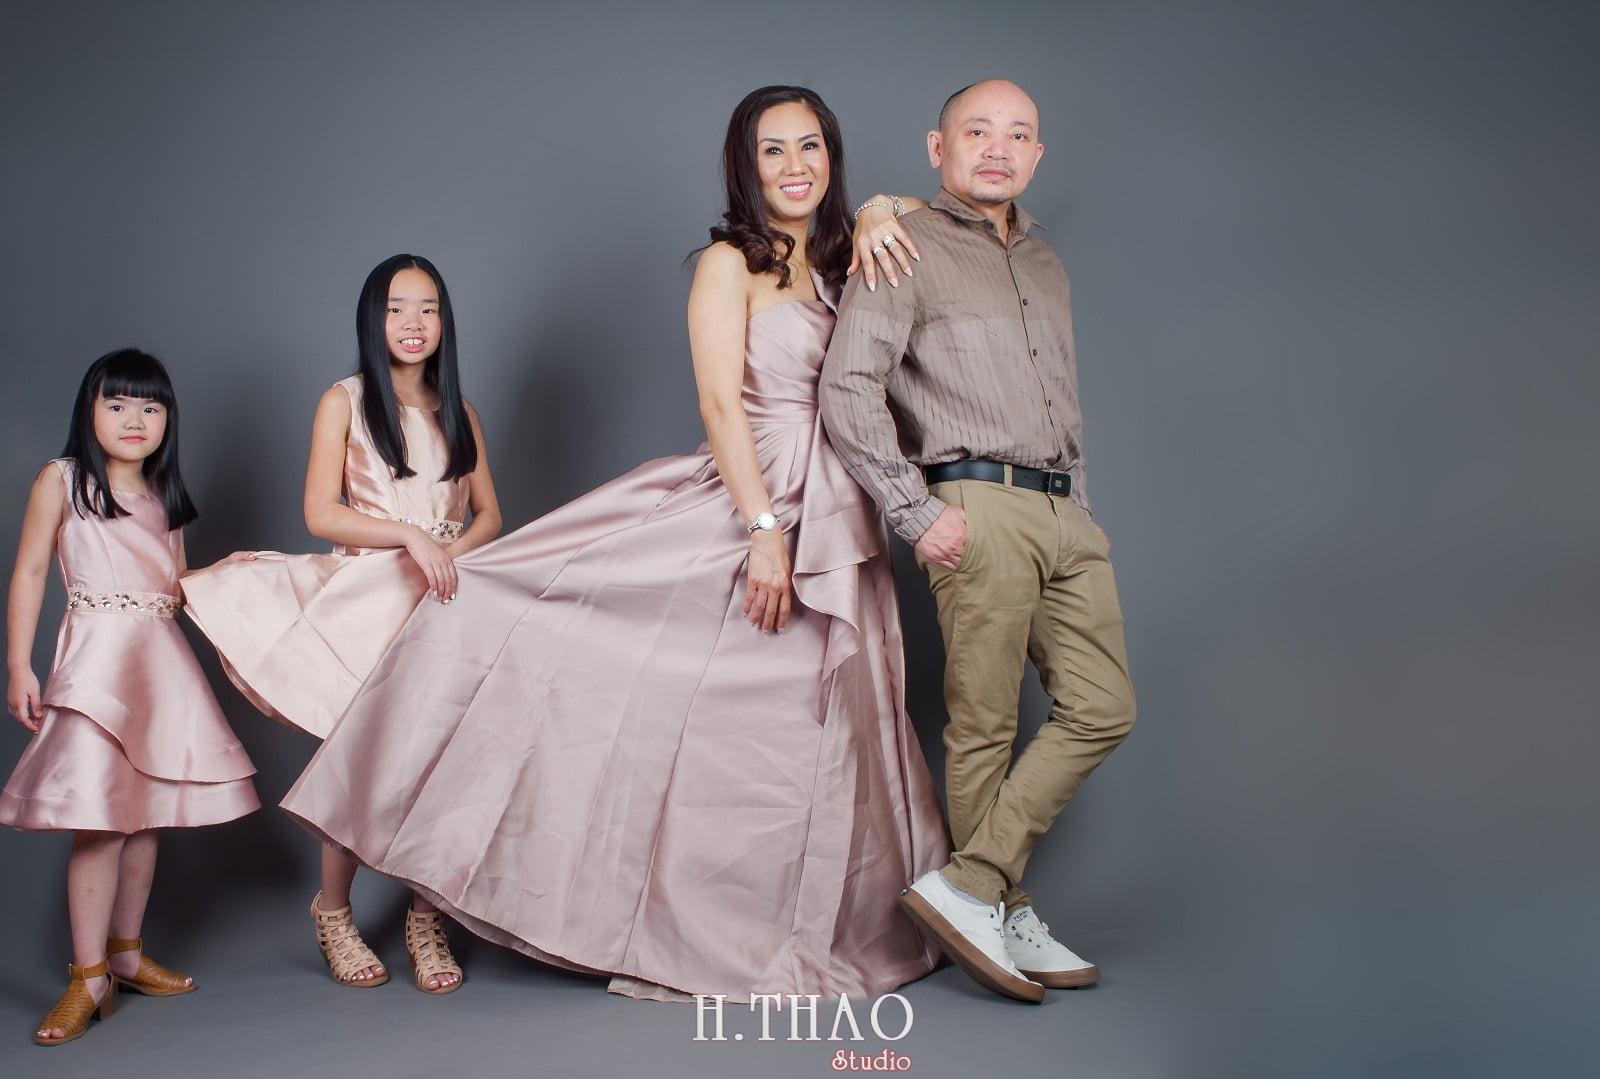 Jenny Nguyen 15 - Studio chuyên chụp ảnh gia đình đẹp ở Tp.HCM- HThao Studio